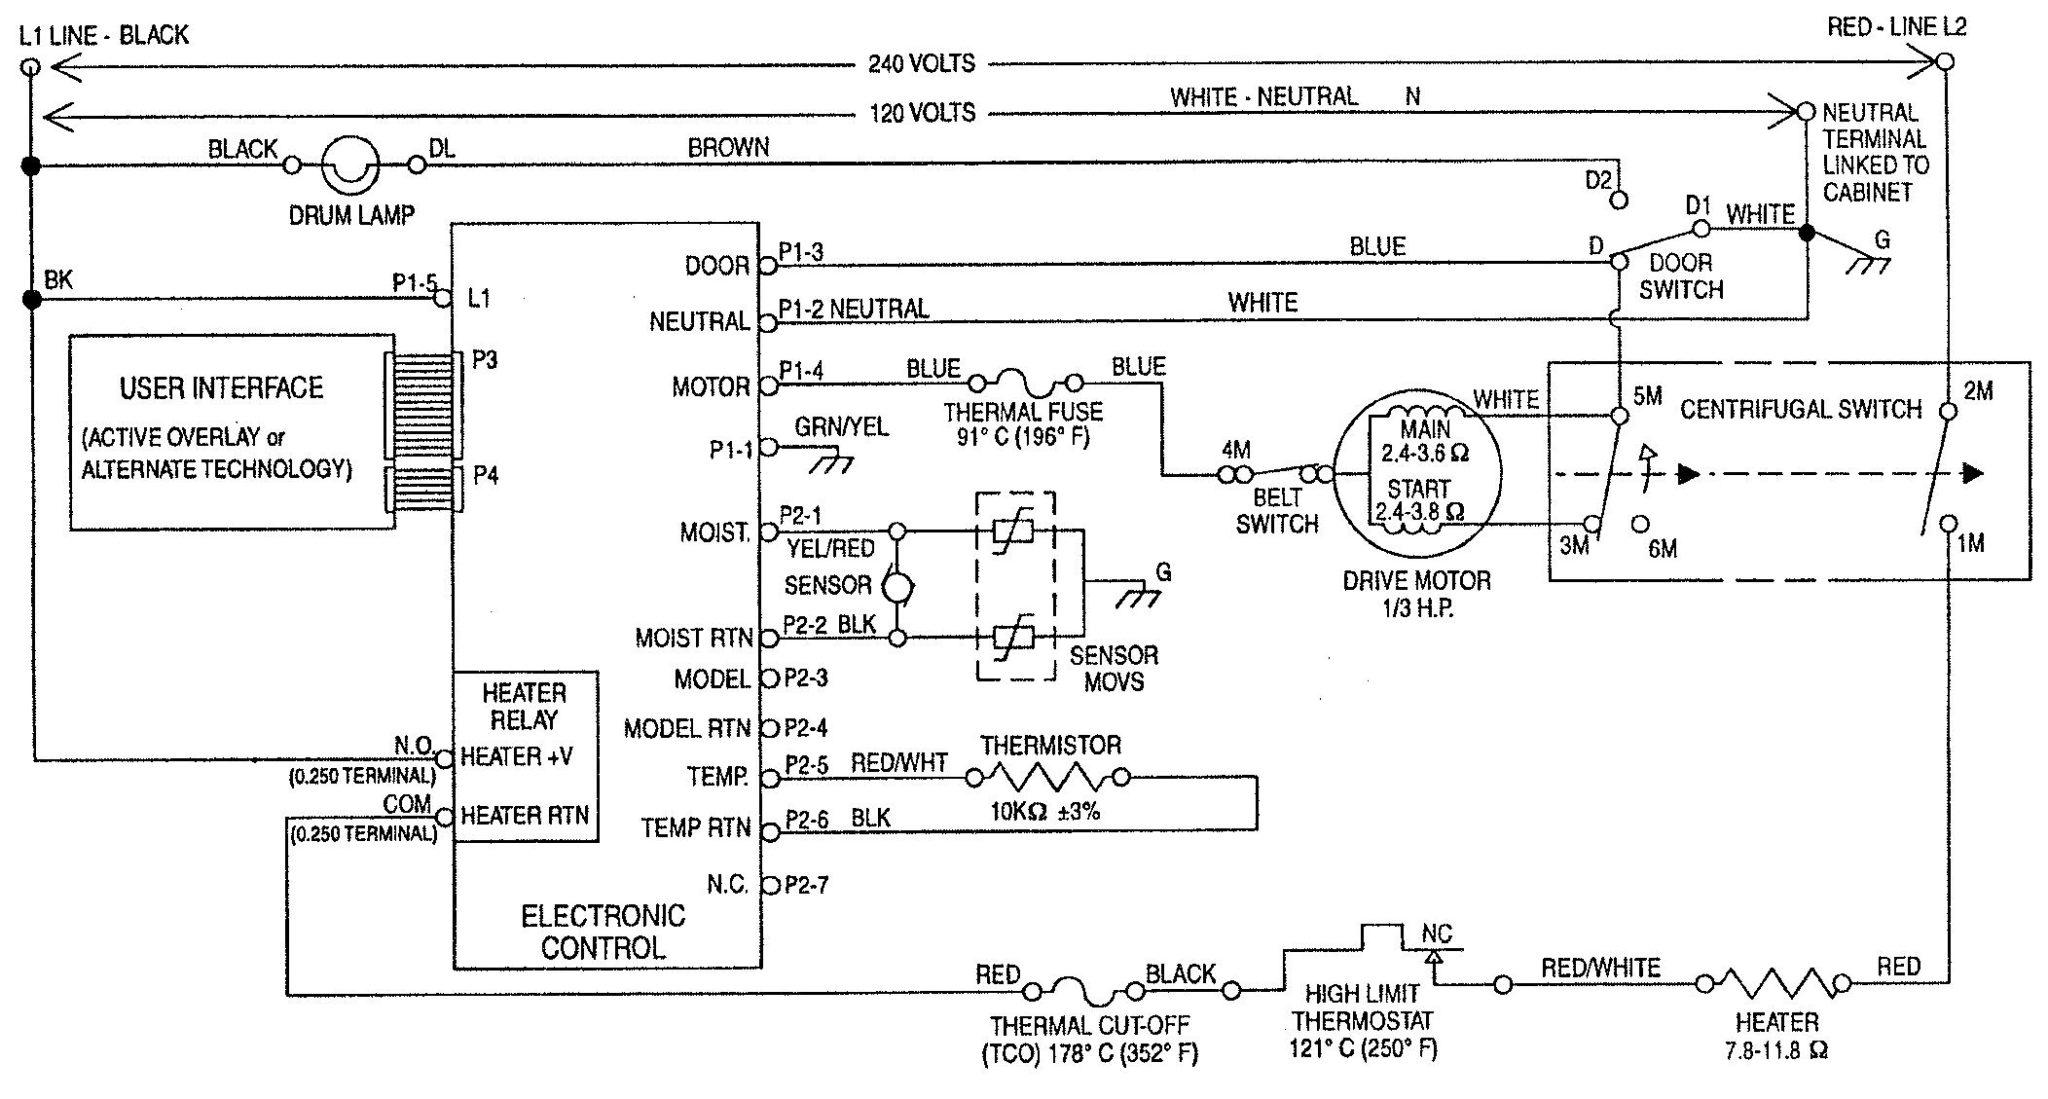 ge profile dryer repair manual